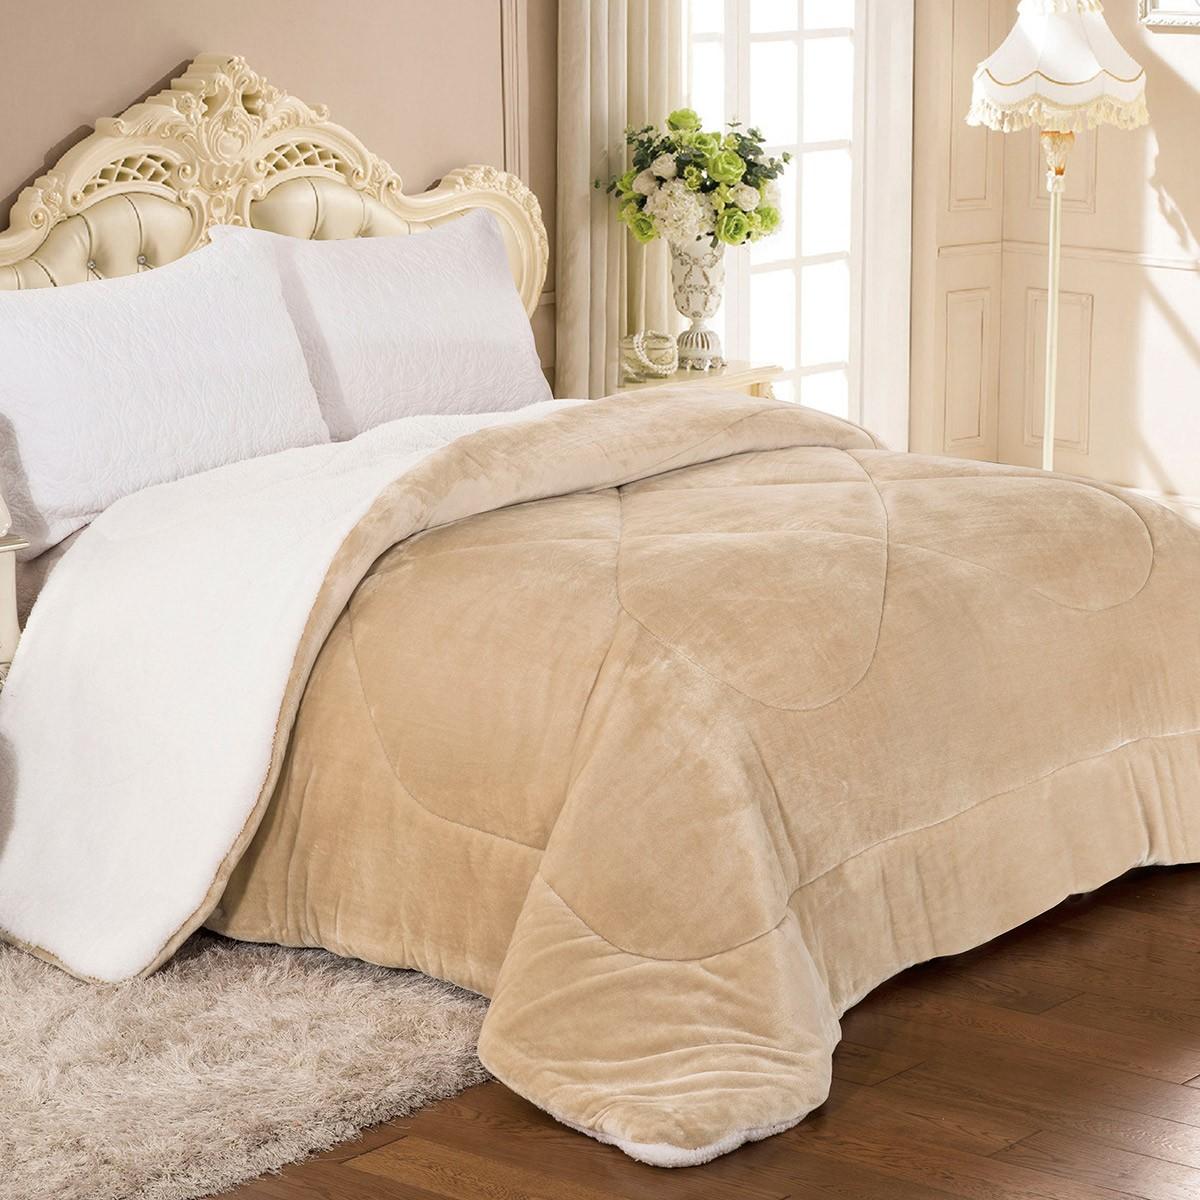 Κουβερτοπάπλωμα Υπέρδιπλο AdamHome 805 Off White home   κρεβατοκάμαρα   παπλώματα   κουβερτοπαπλώματα